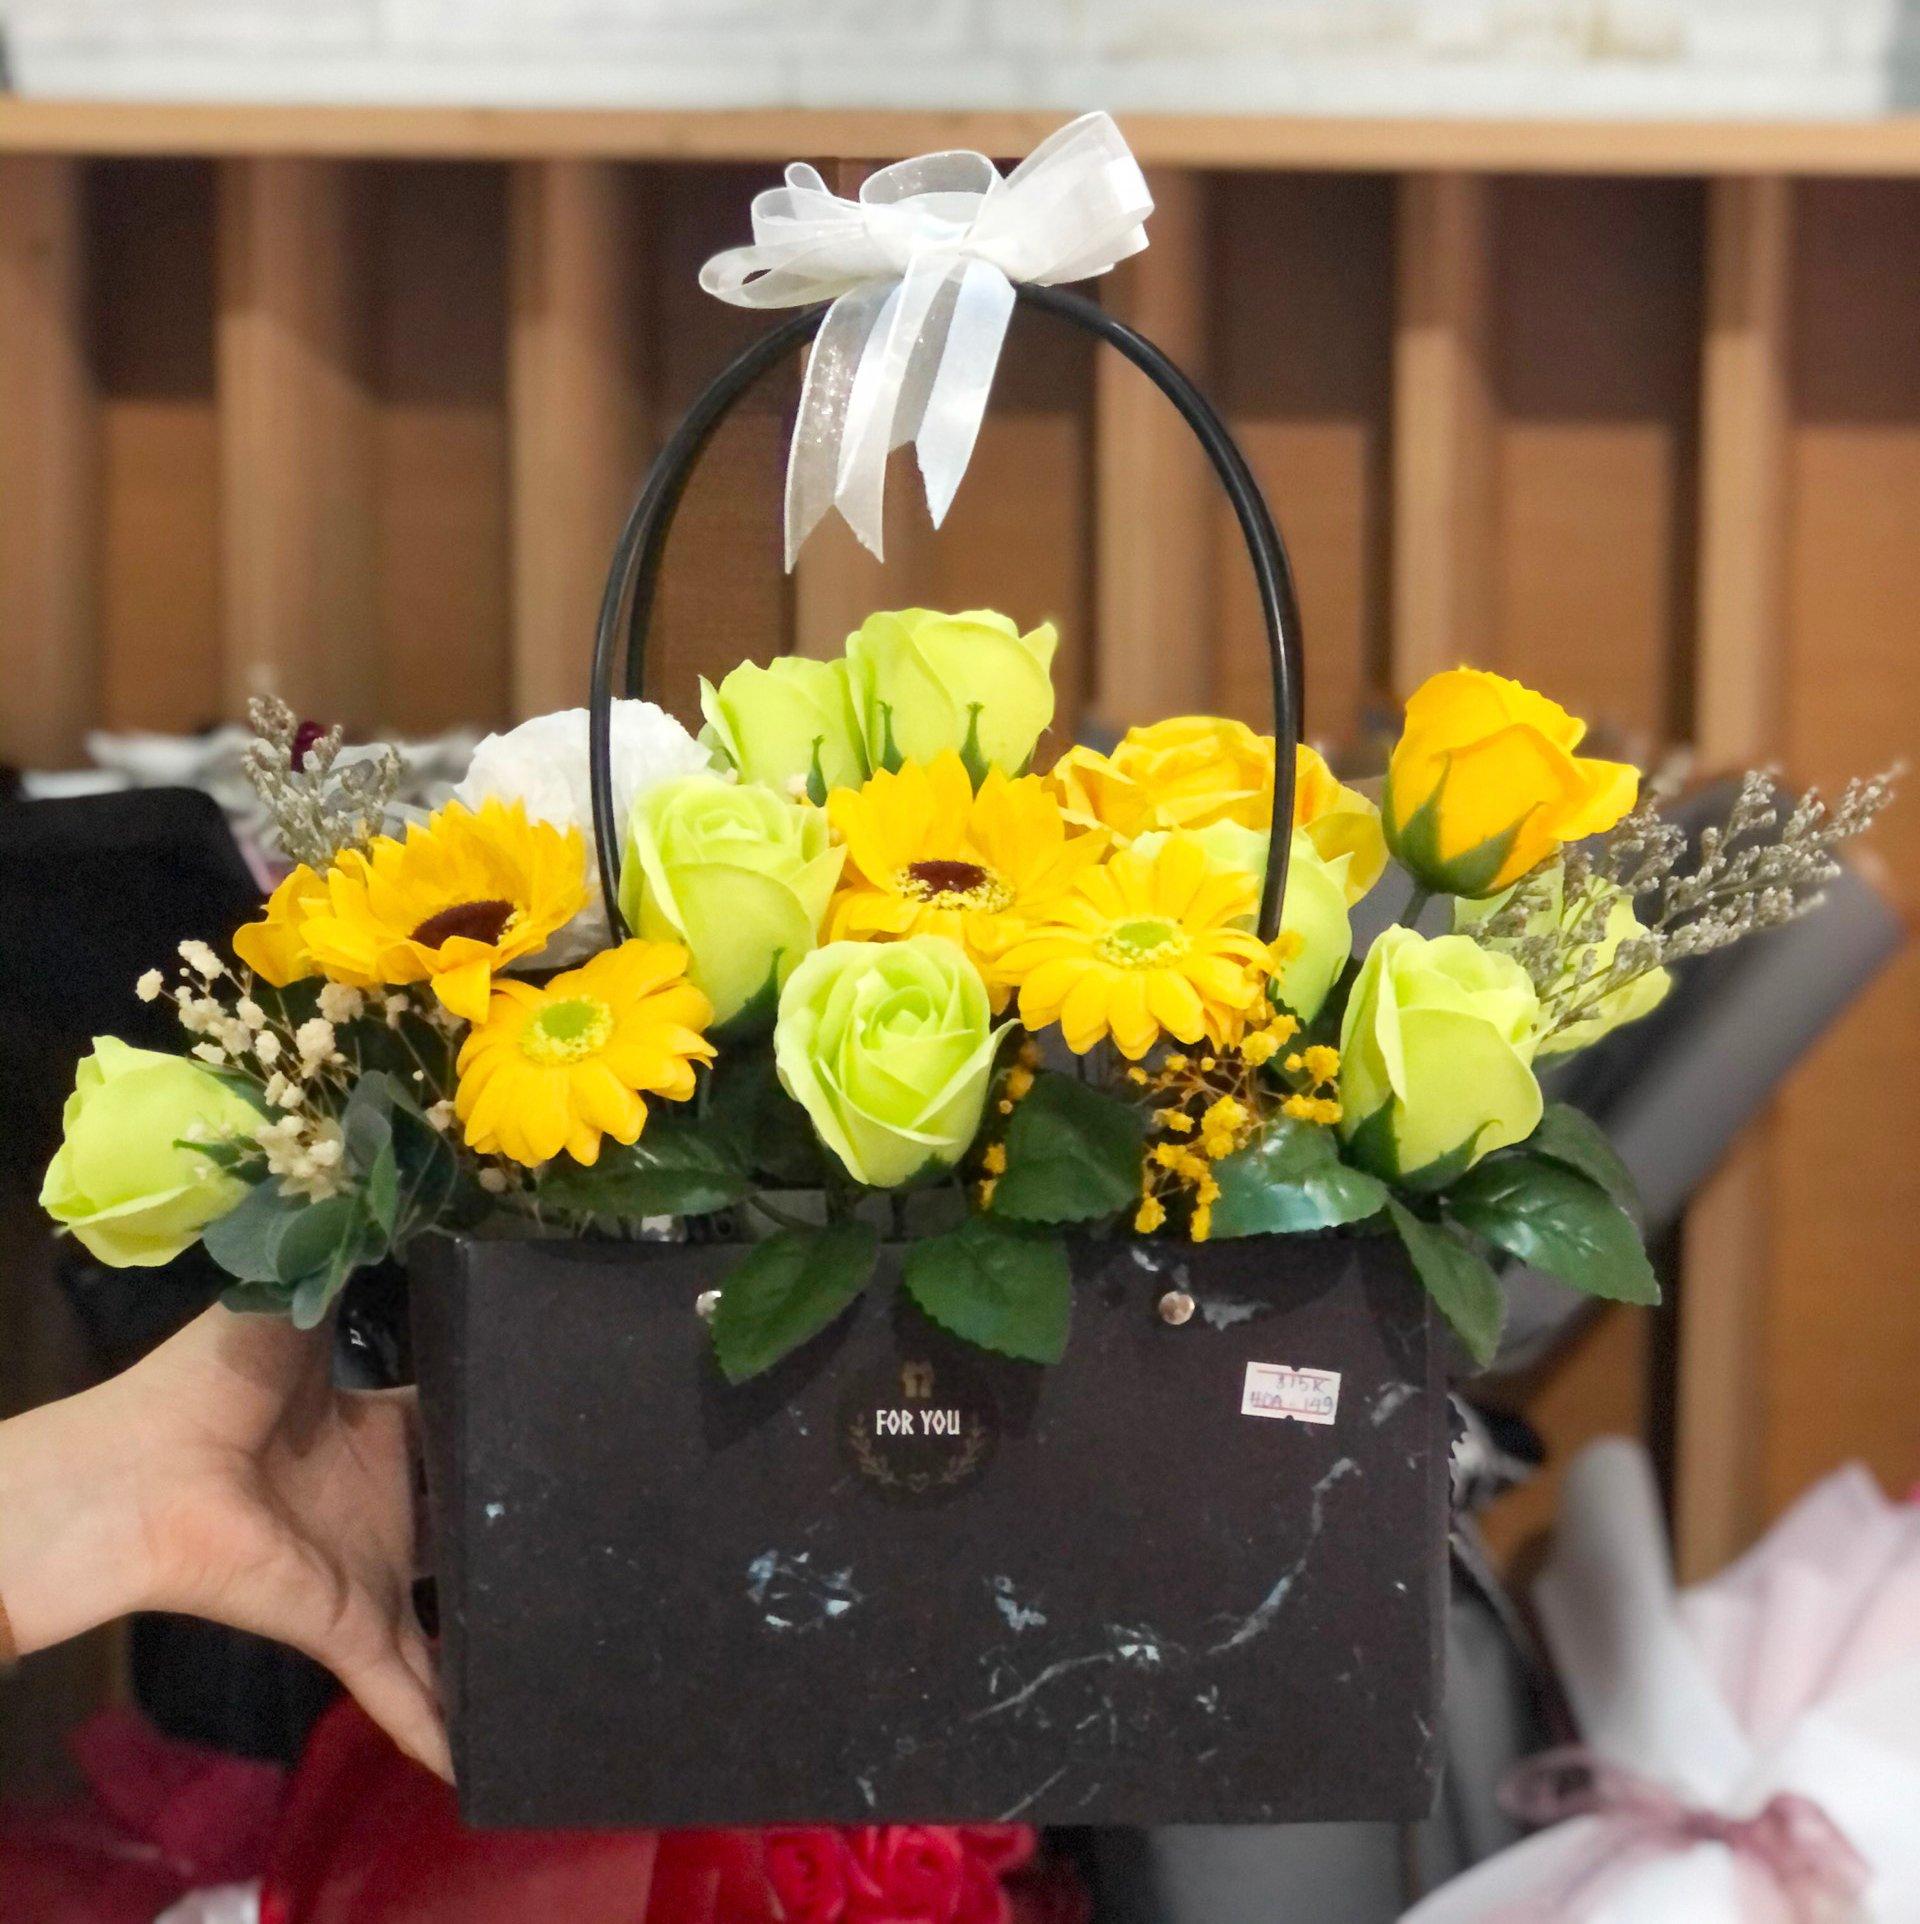 Giỏ hoa hồng sáp thơm kèm hoa hướng dương vàng